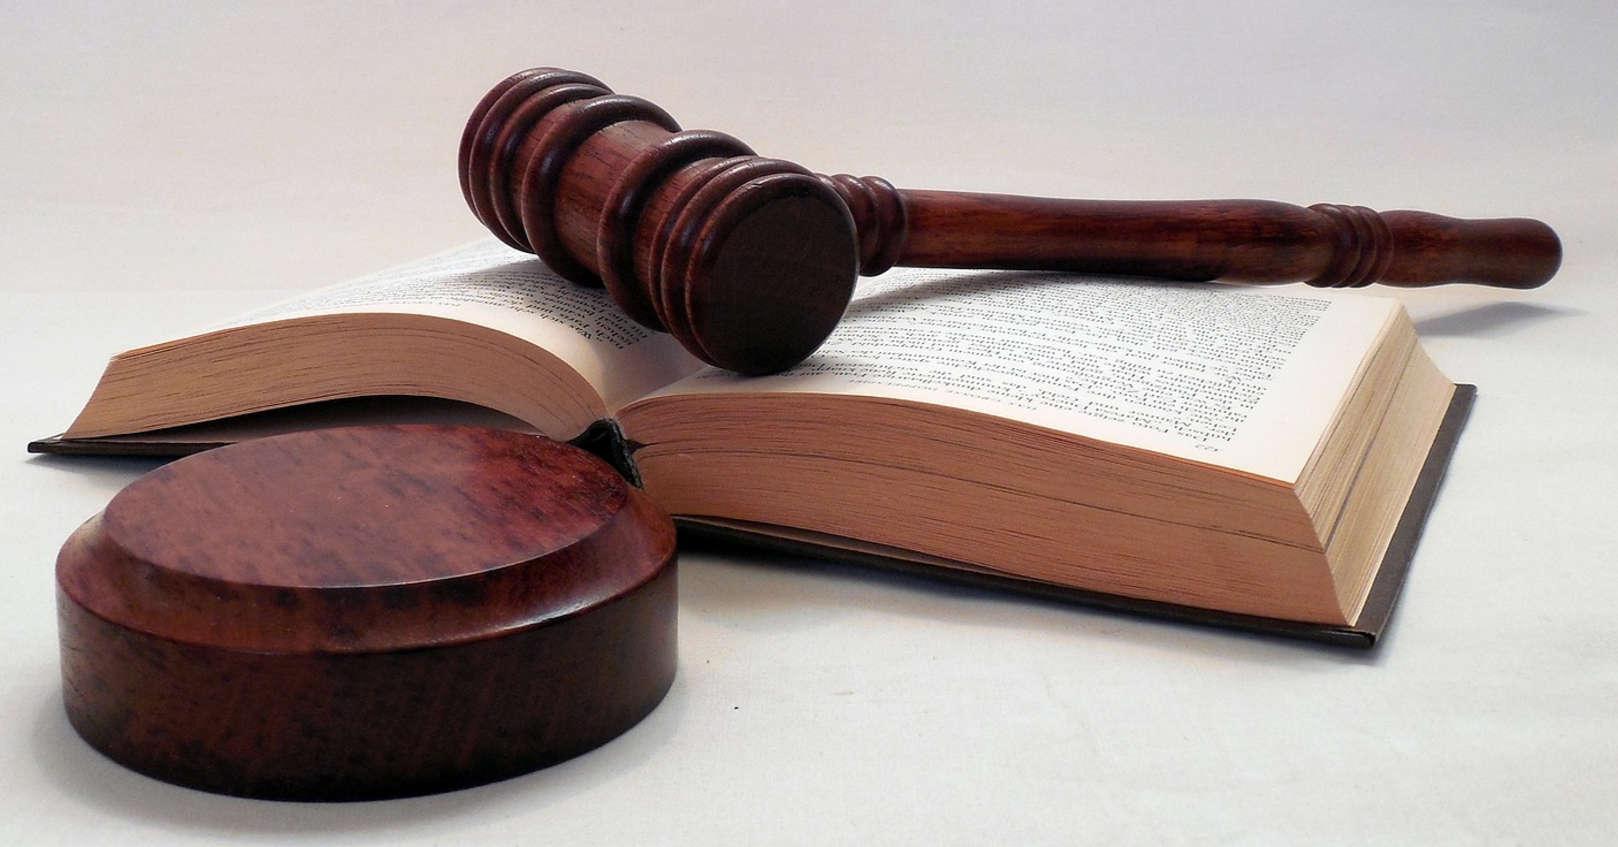 Summary Judgment in Nunes VS Rushton Copyright Infringement Case